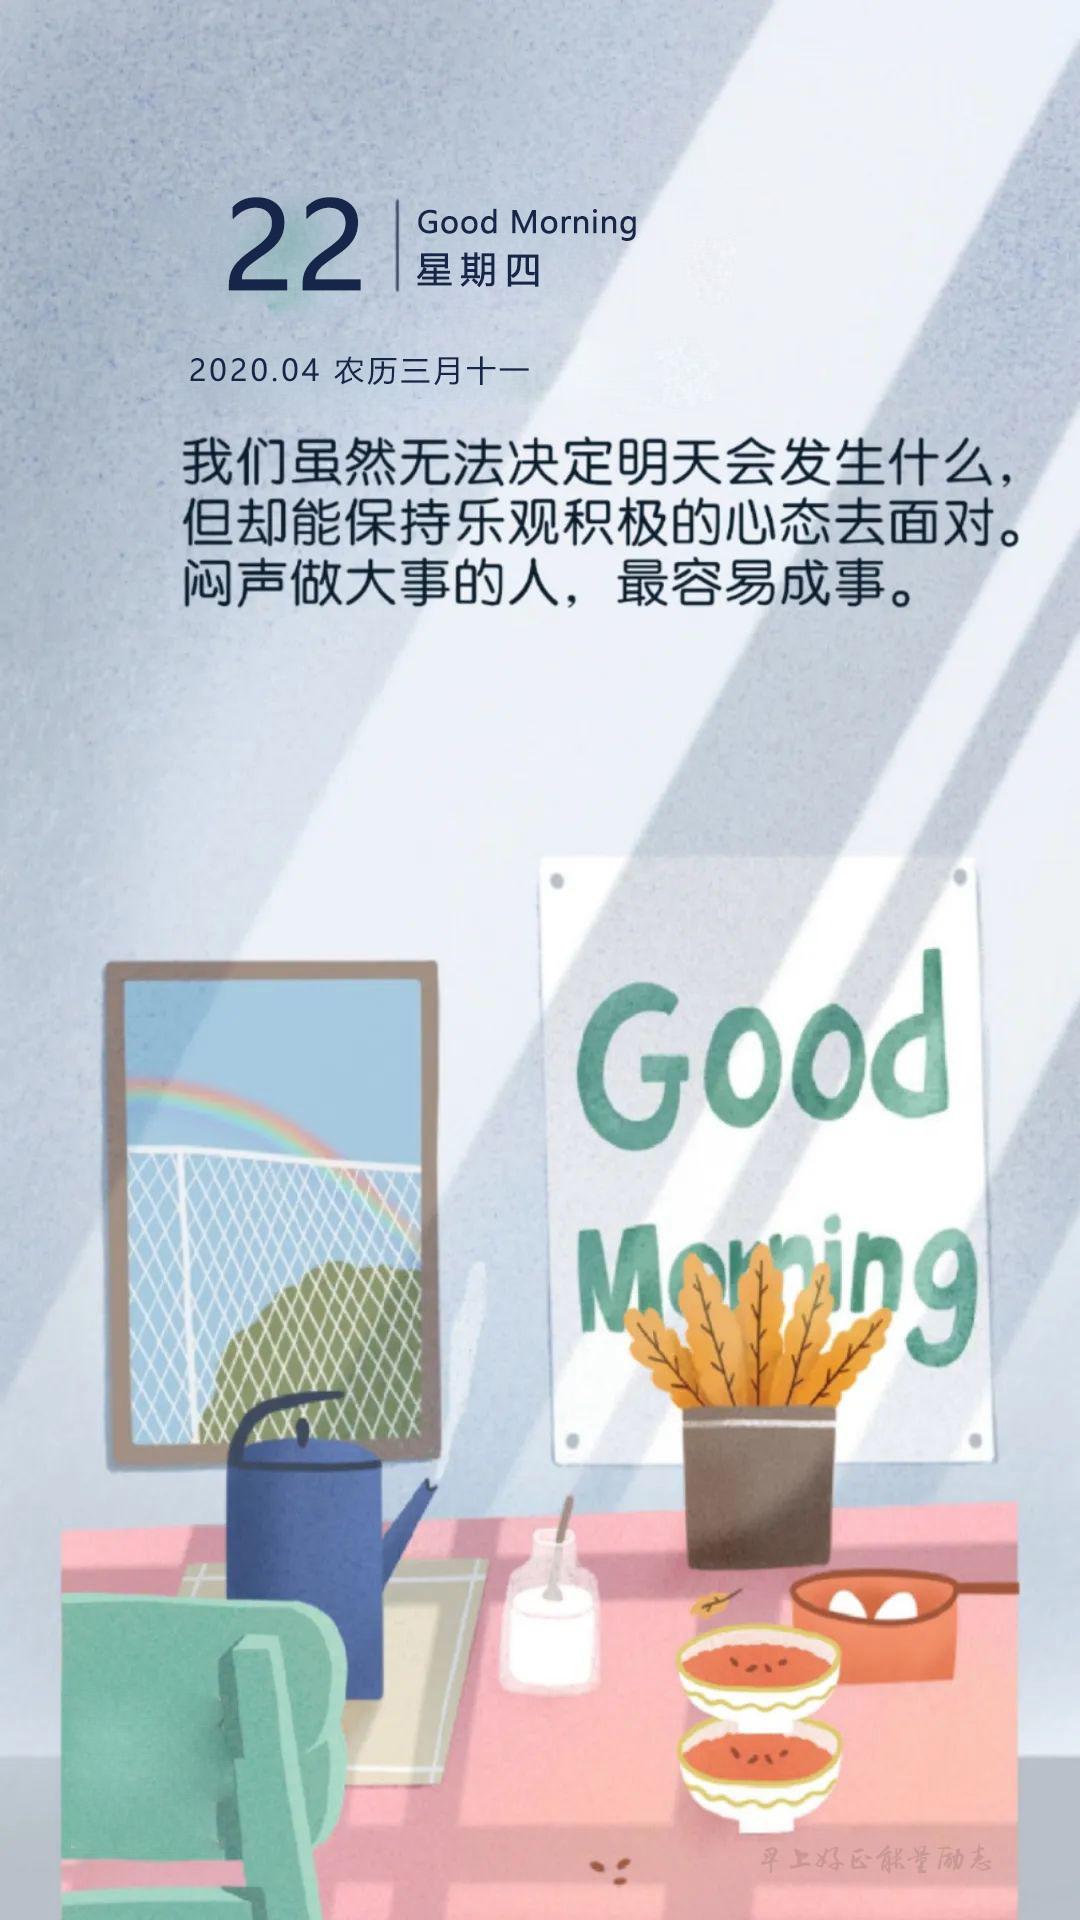 新的一天励志早安图片说说句子,正能量早安语录